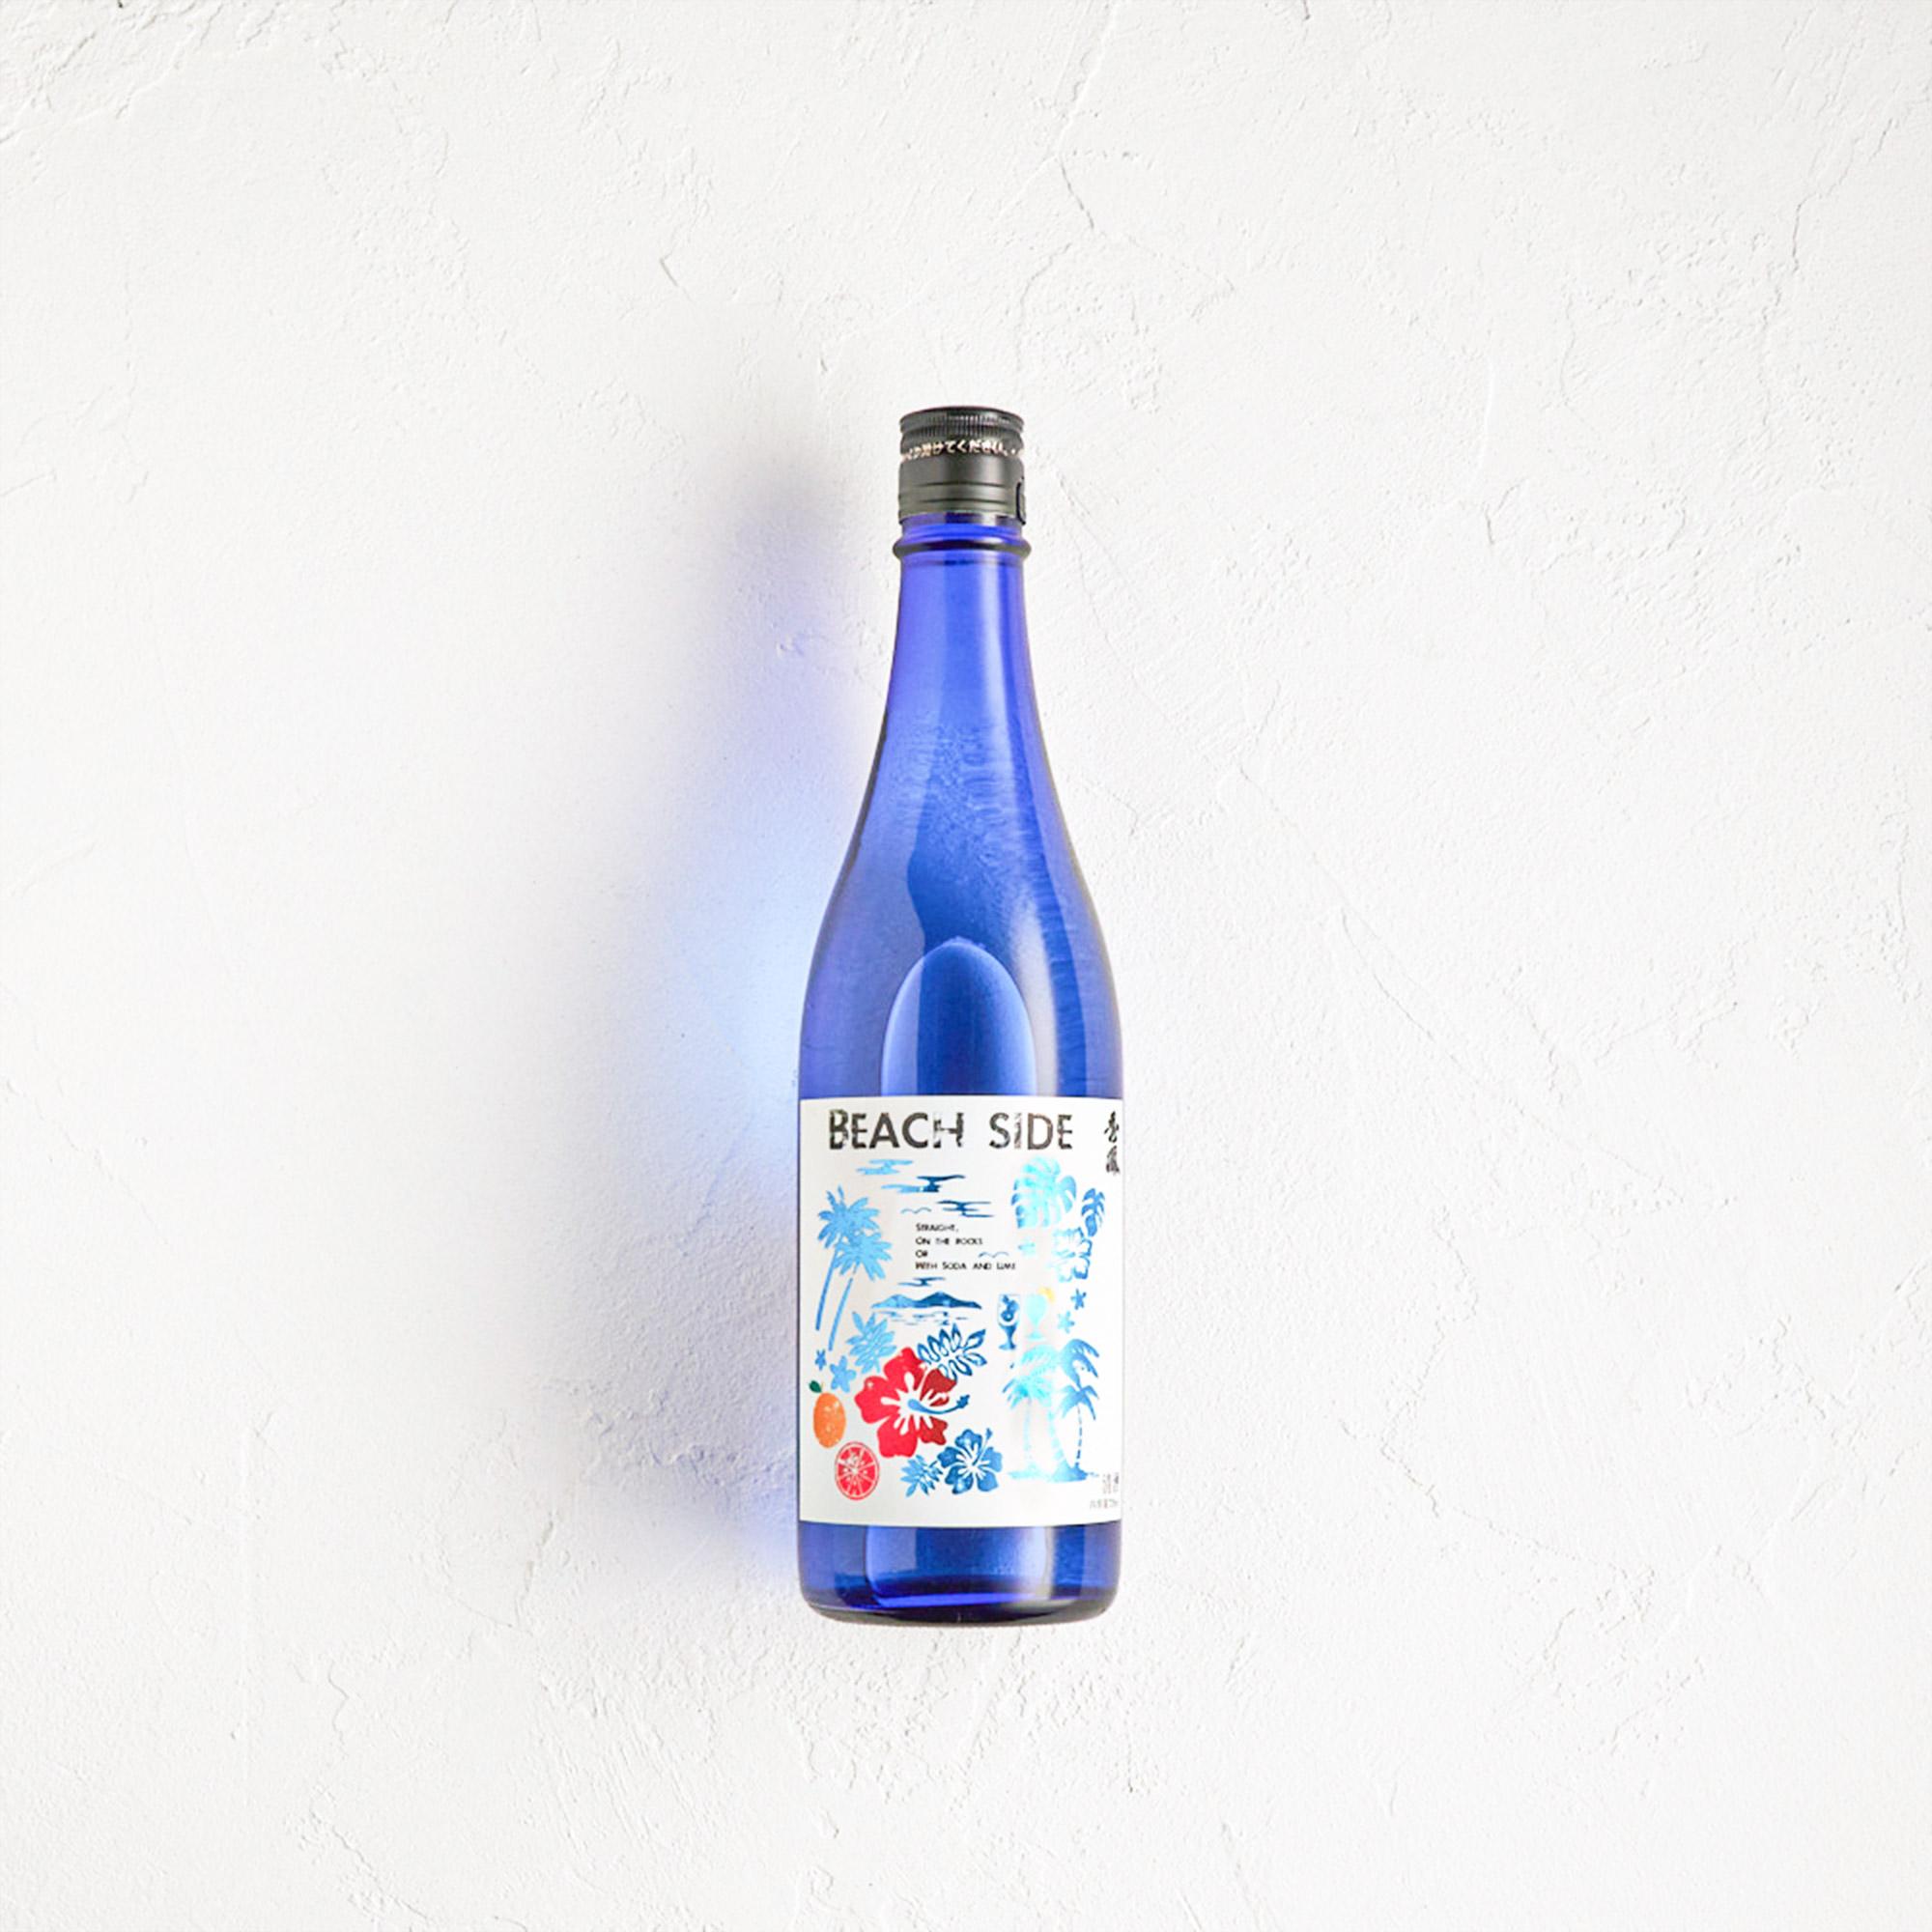 秀鳳 純米吟醸 BEACH SIDE